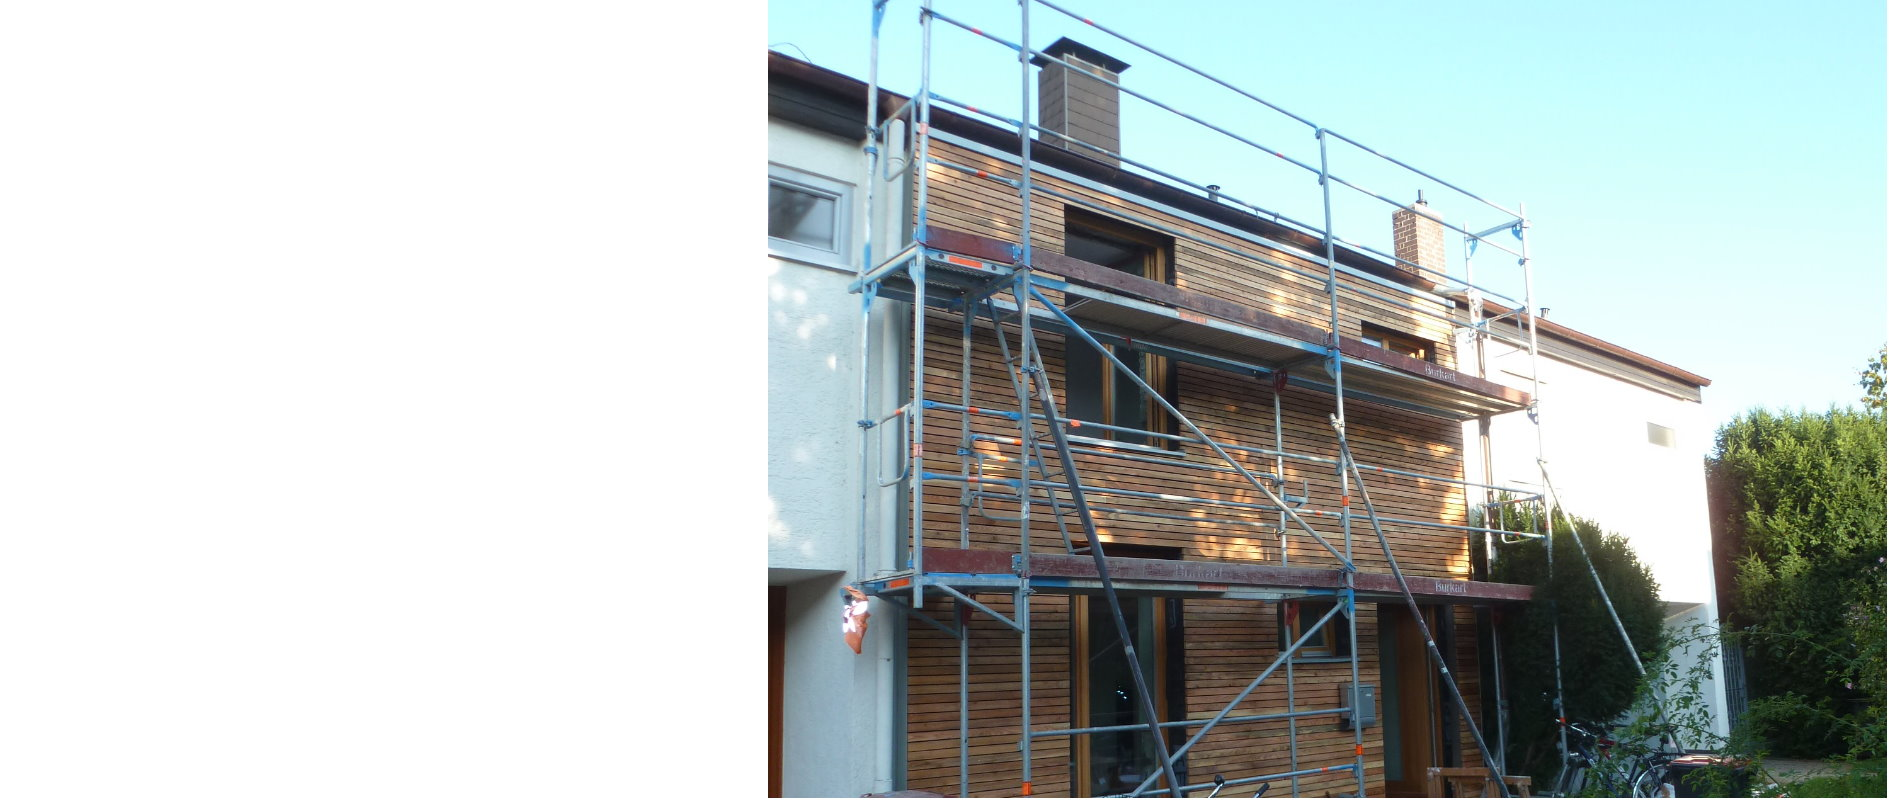 Architekten sanierung karlsruhe sanierung und for Energiesparendes bauen